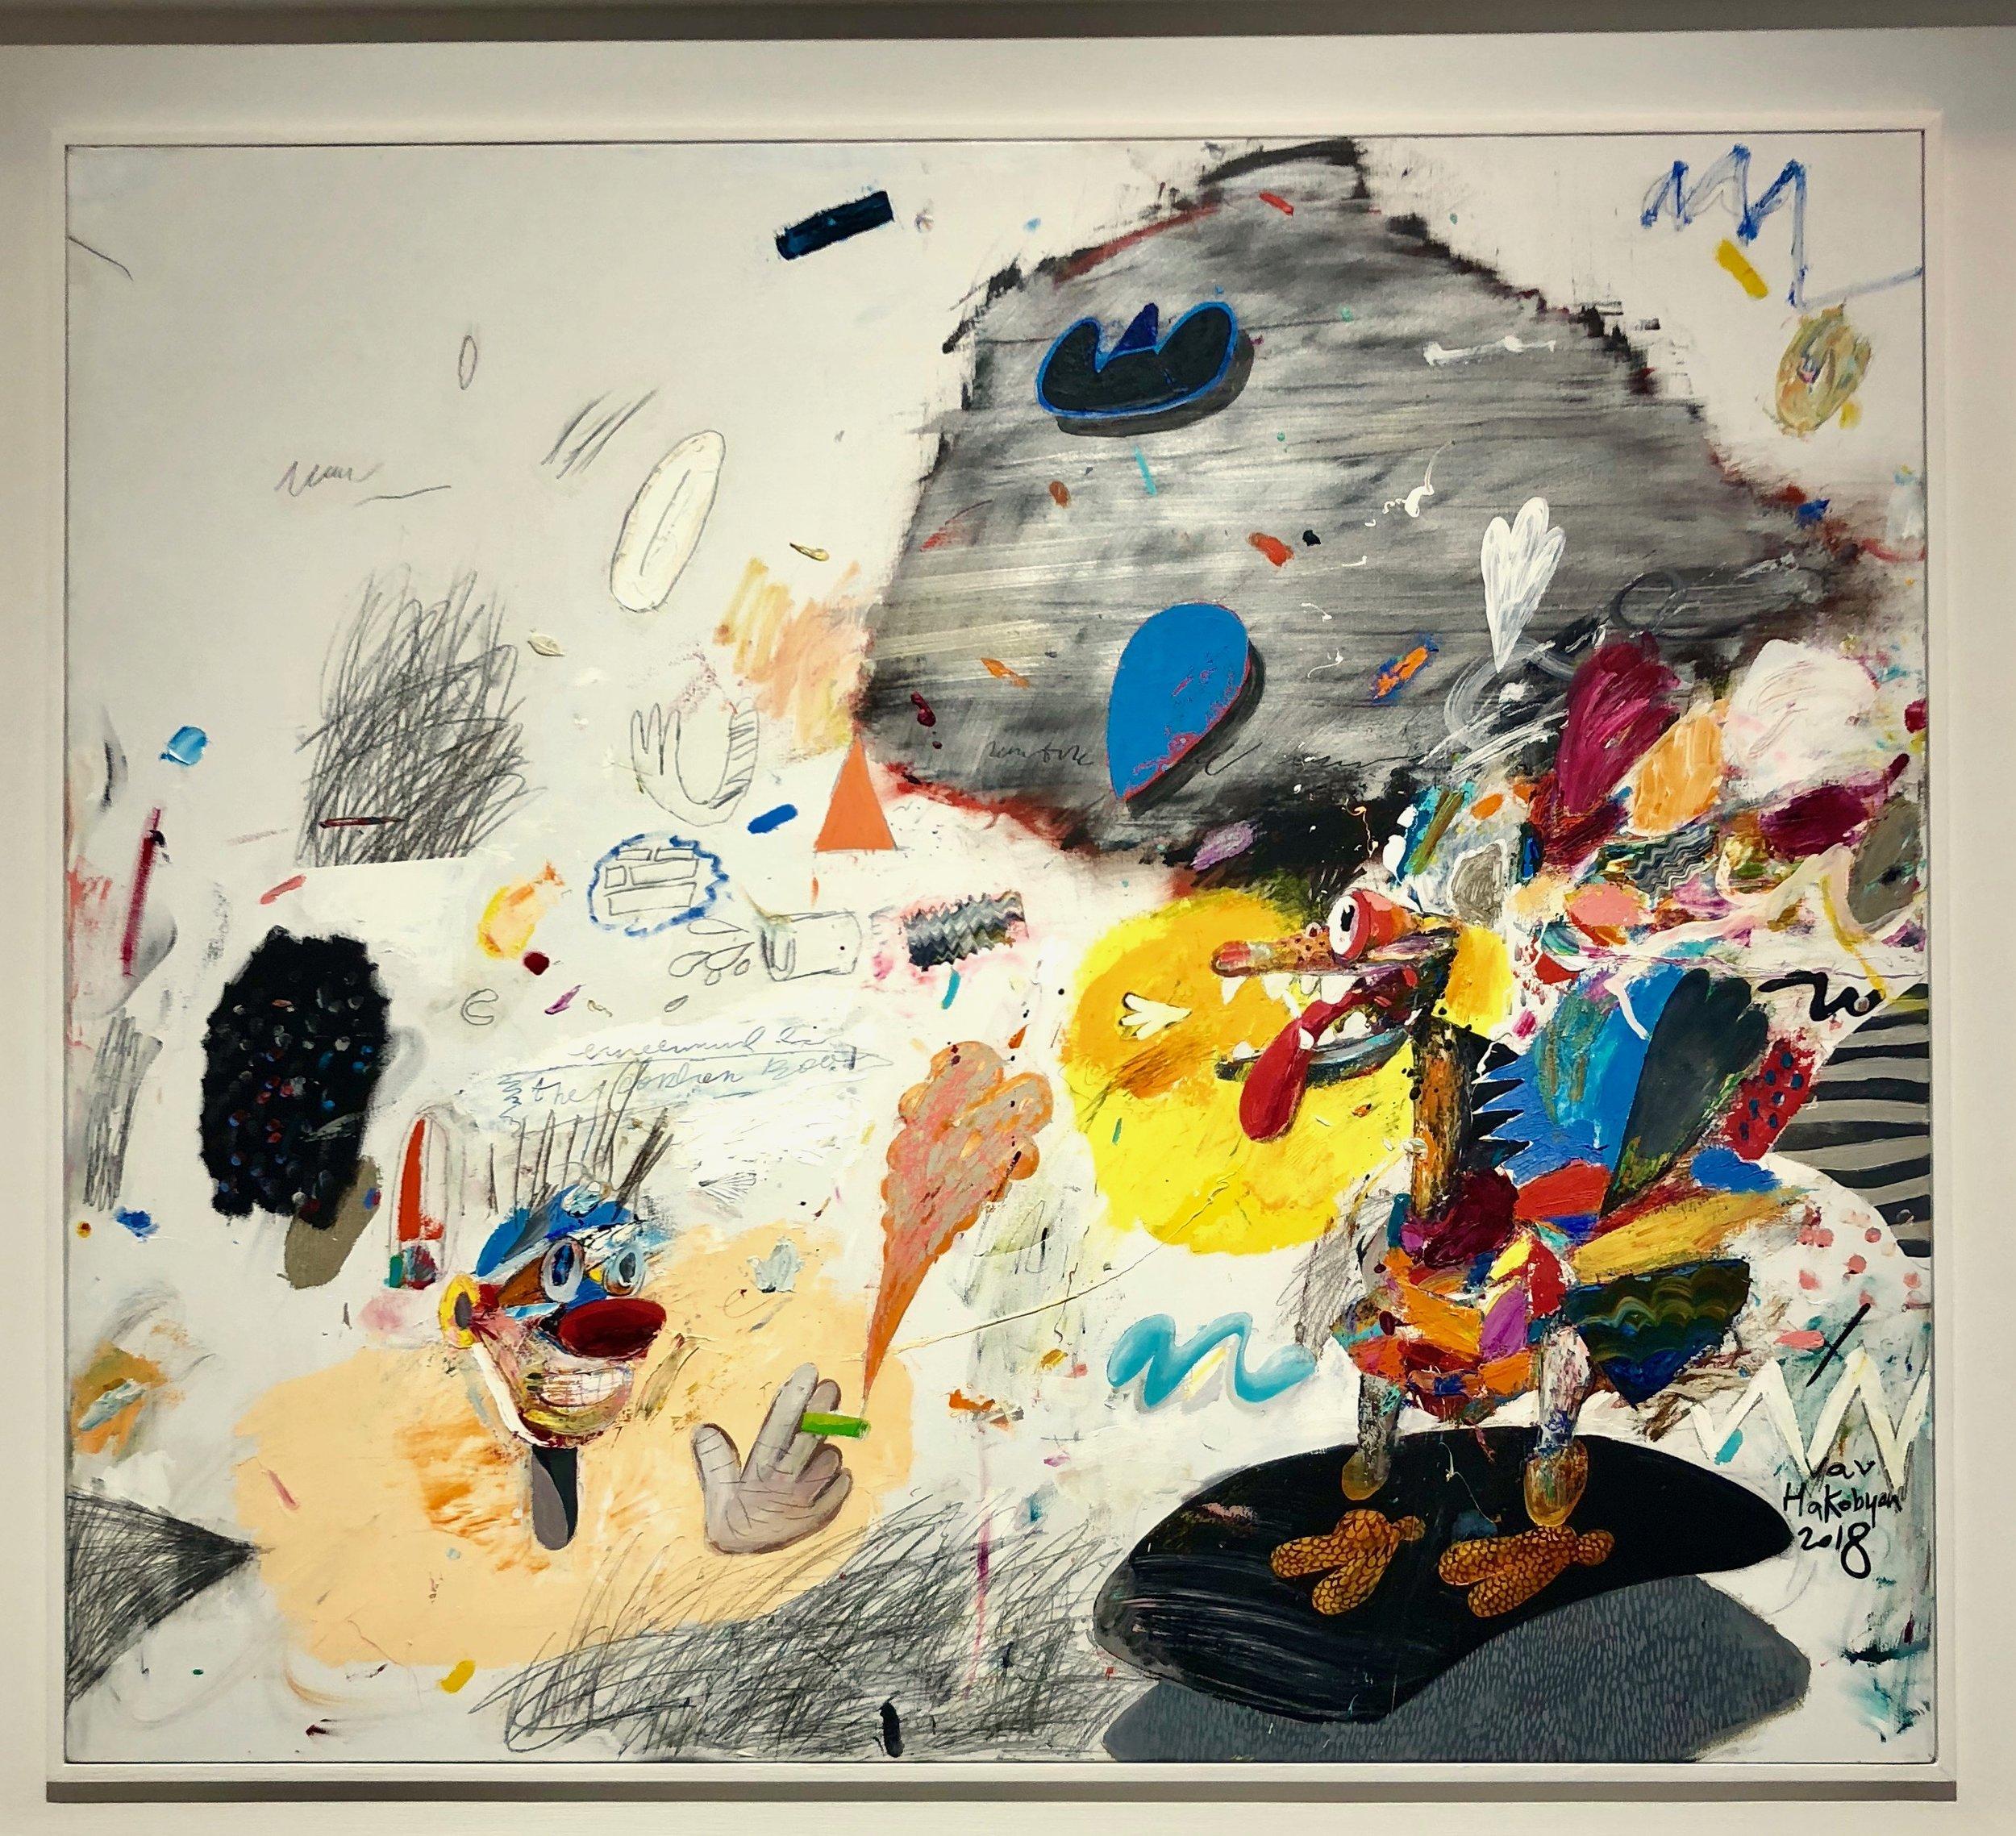 Van Hakobyan at Galeri 77